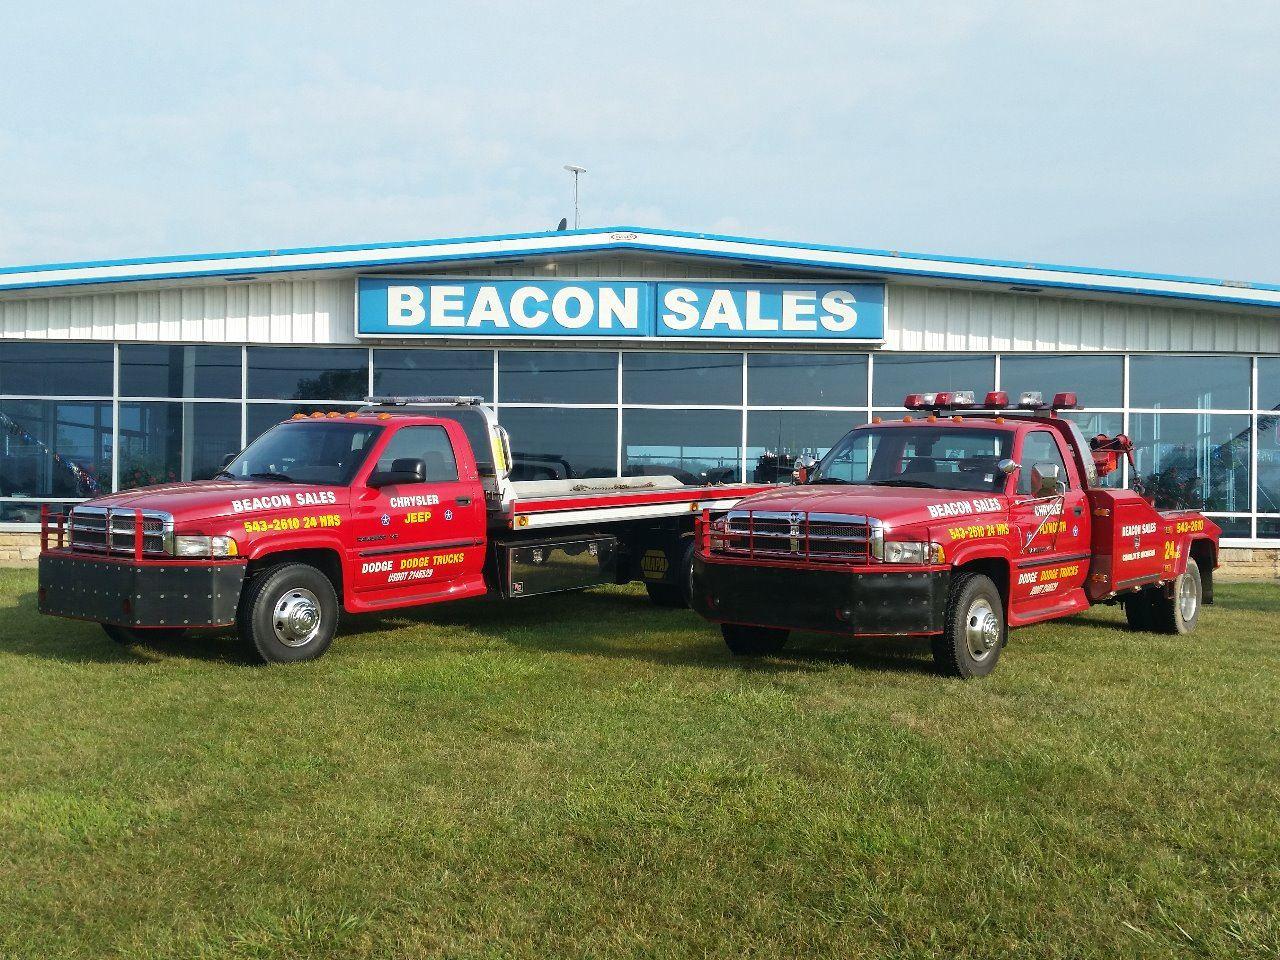 BEACON SALES & SERVICE